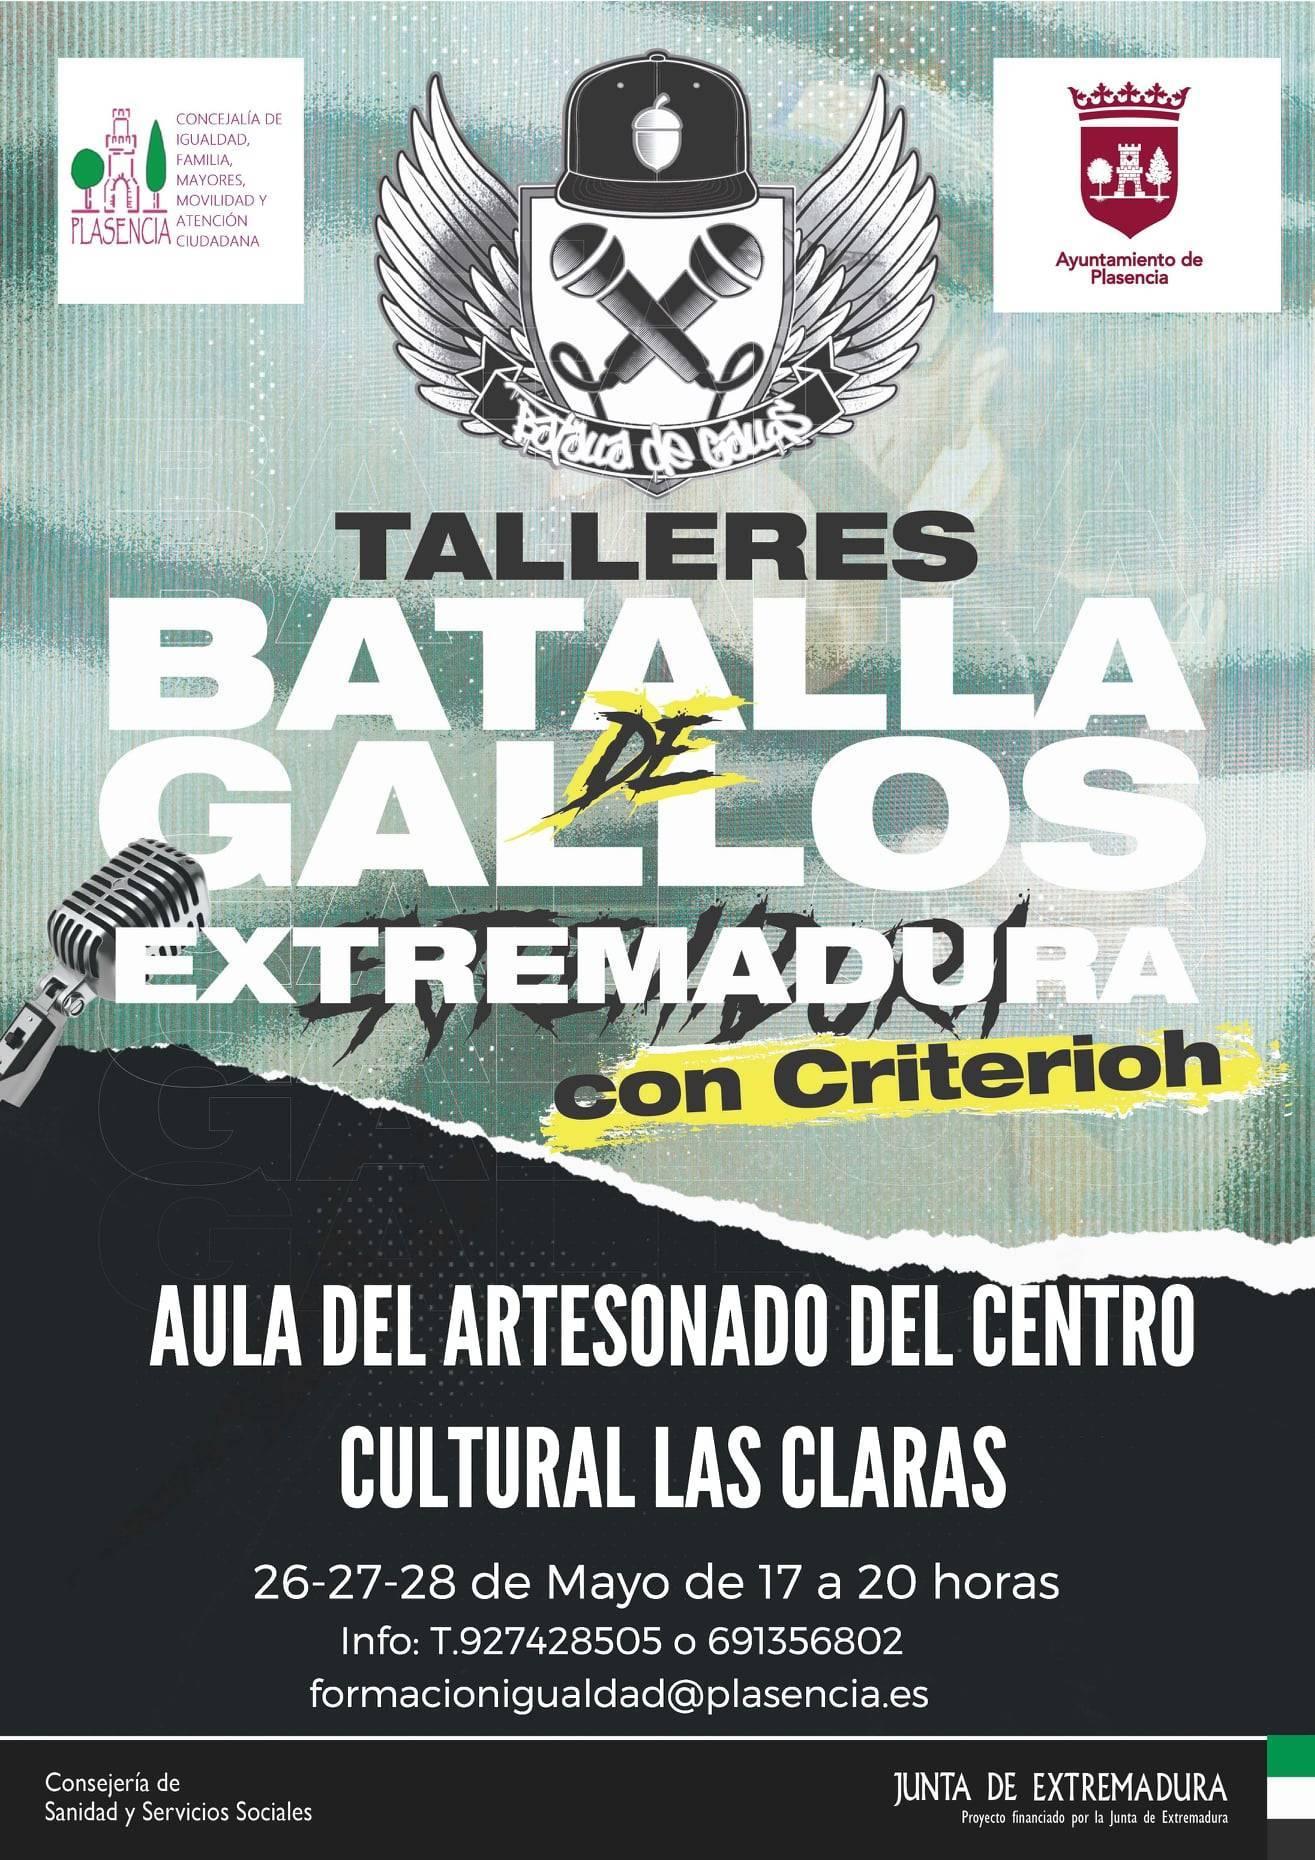 Taller de batallas de gallos (2021) - Plasencia (Cáceres)